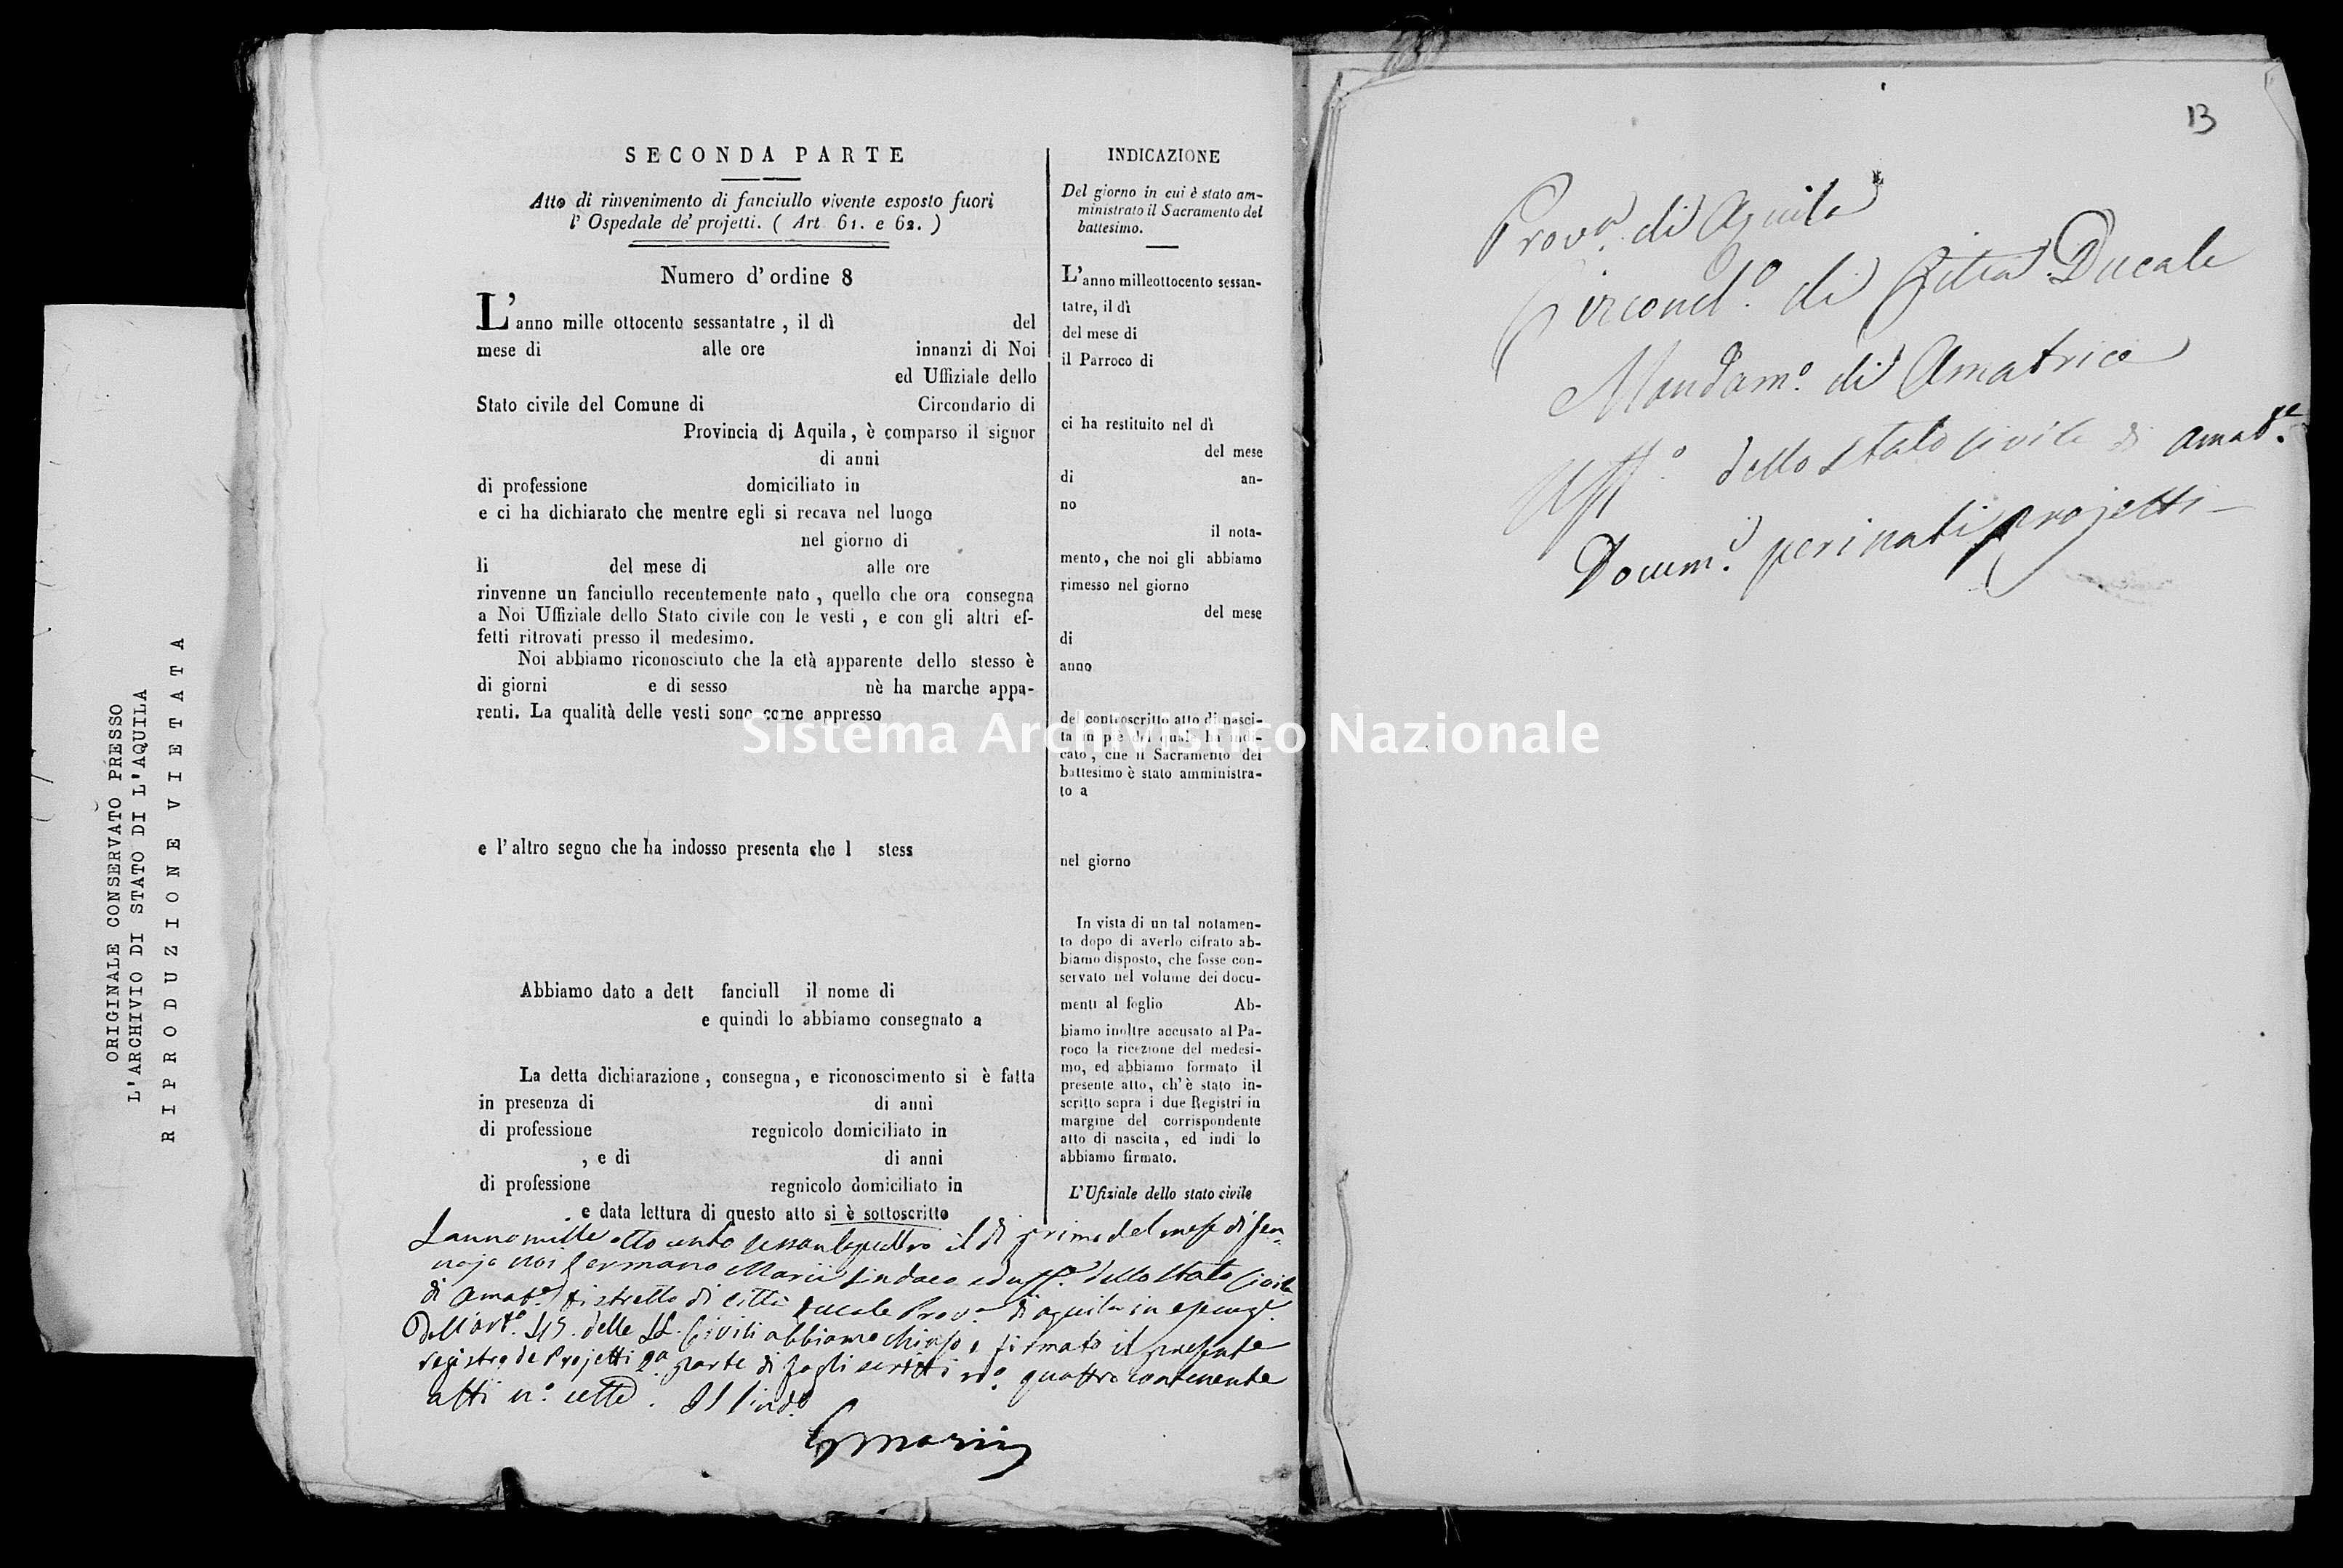 Archivio di stato di L'aquila - Stato civile italiano - Amatrice - Nati, battesimi esposti - 1863 - 486 -